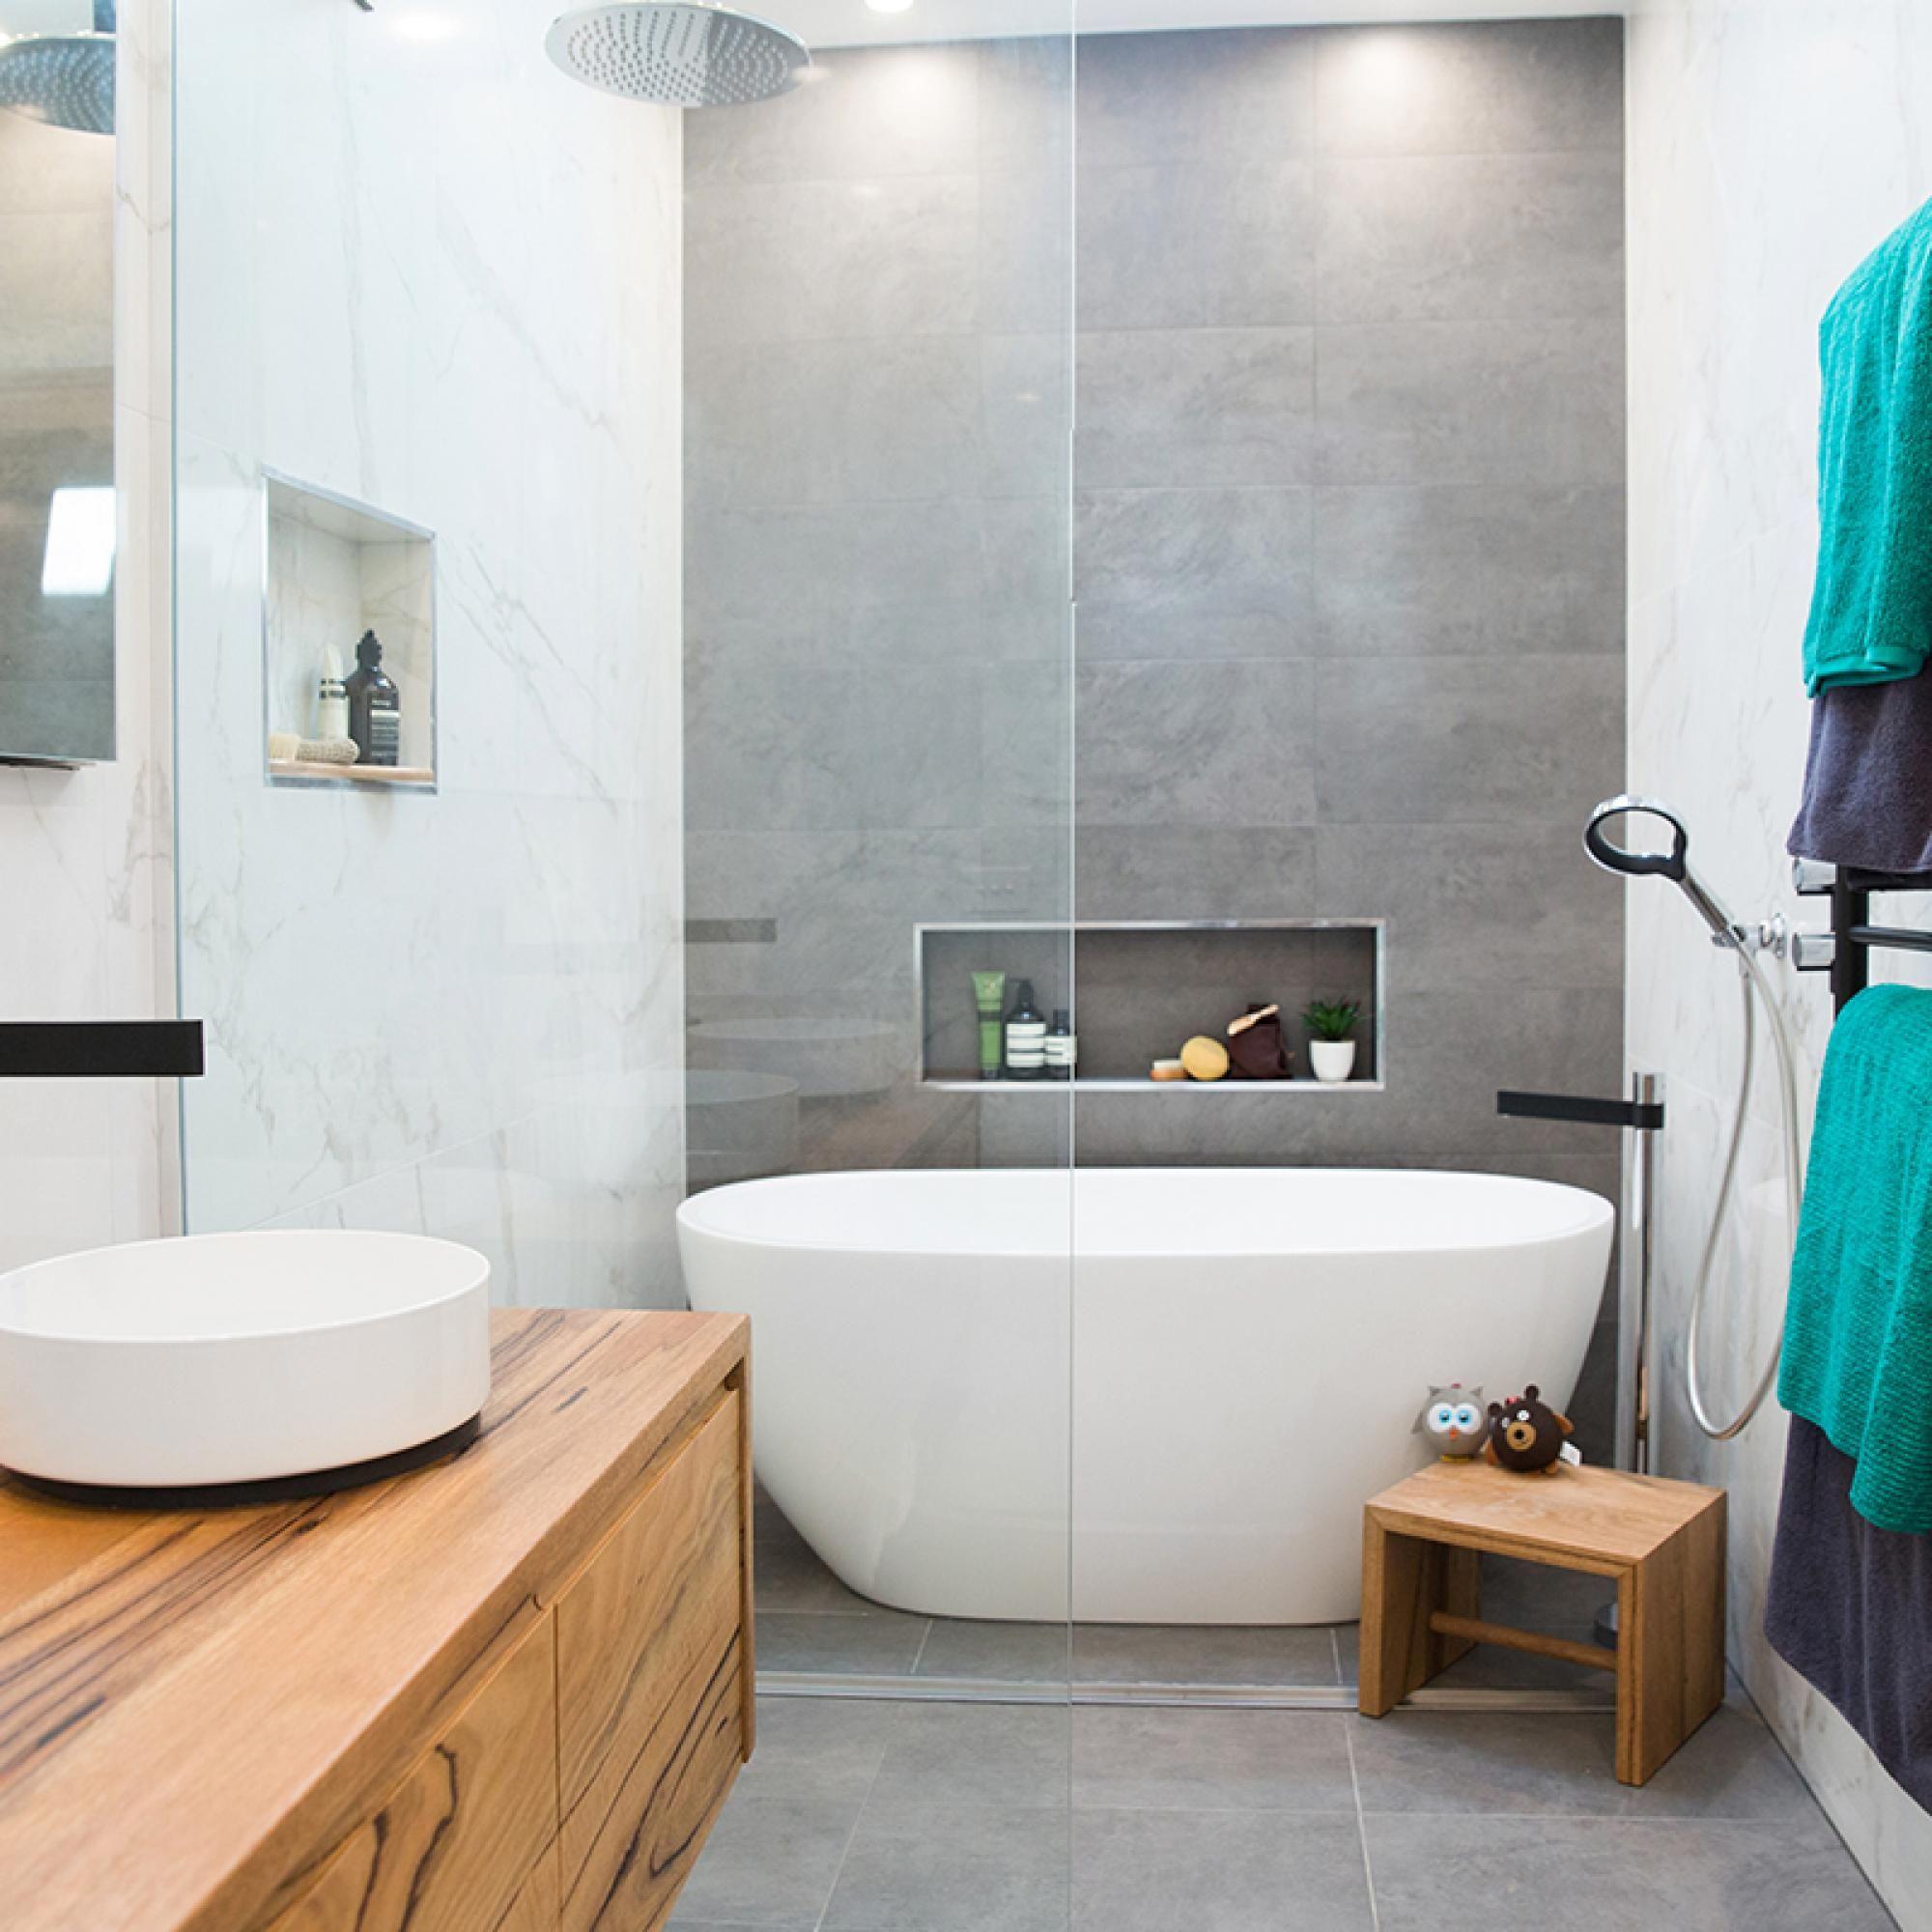 Red Team | Dane & Leanne | Bathroom | Week 2 | Home | Pinterest ...